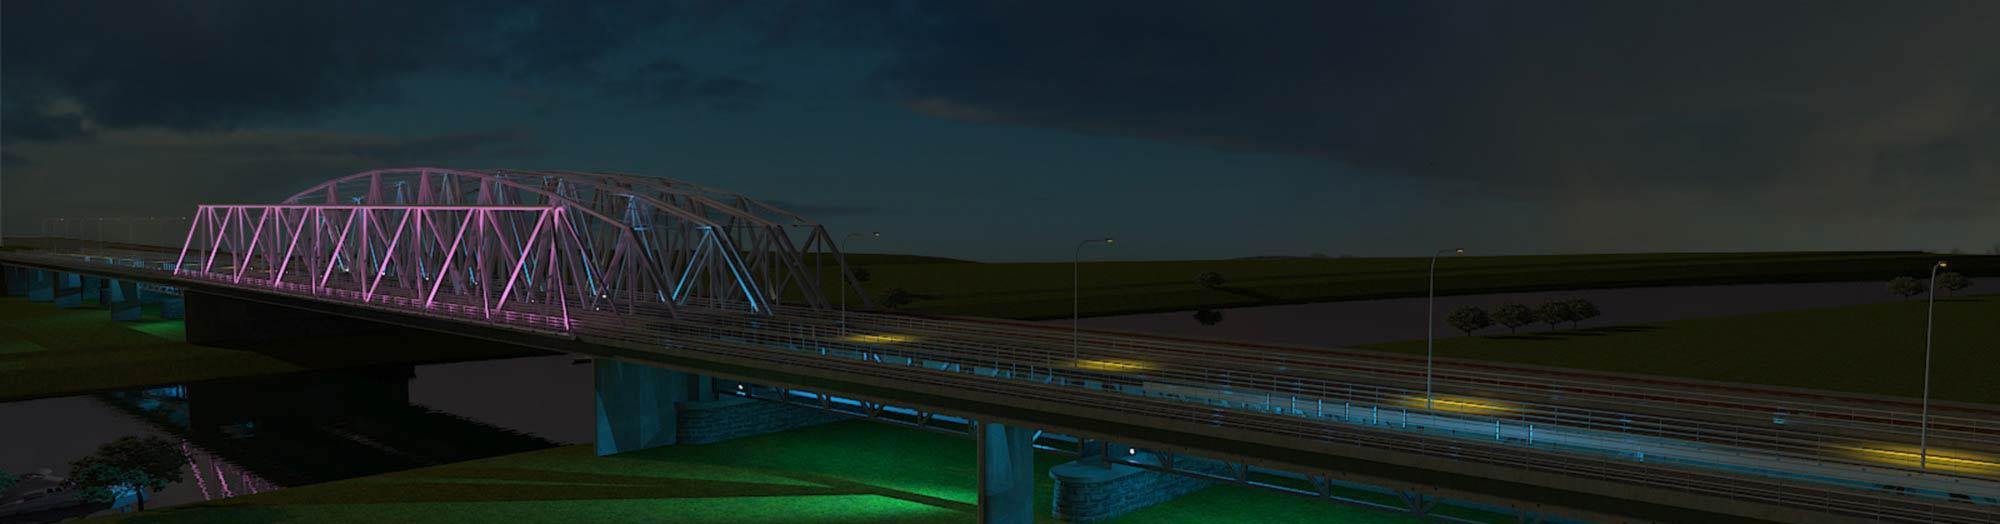 Advies verlichting brug Westervoort